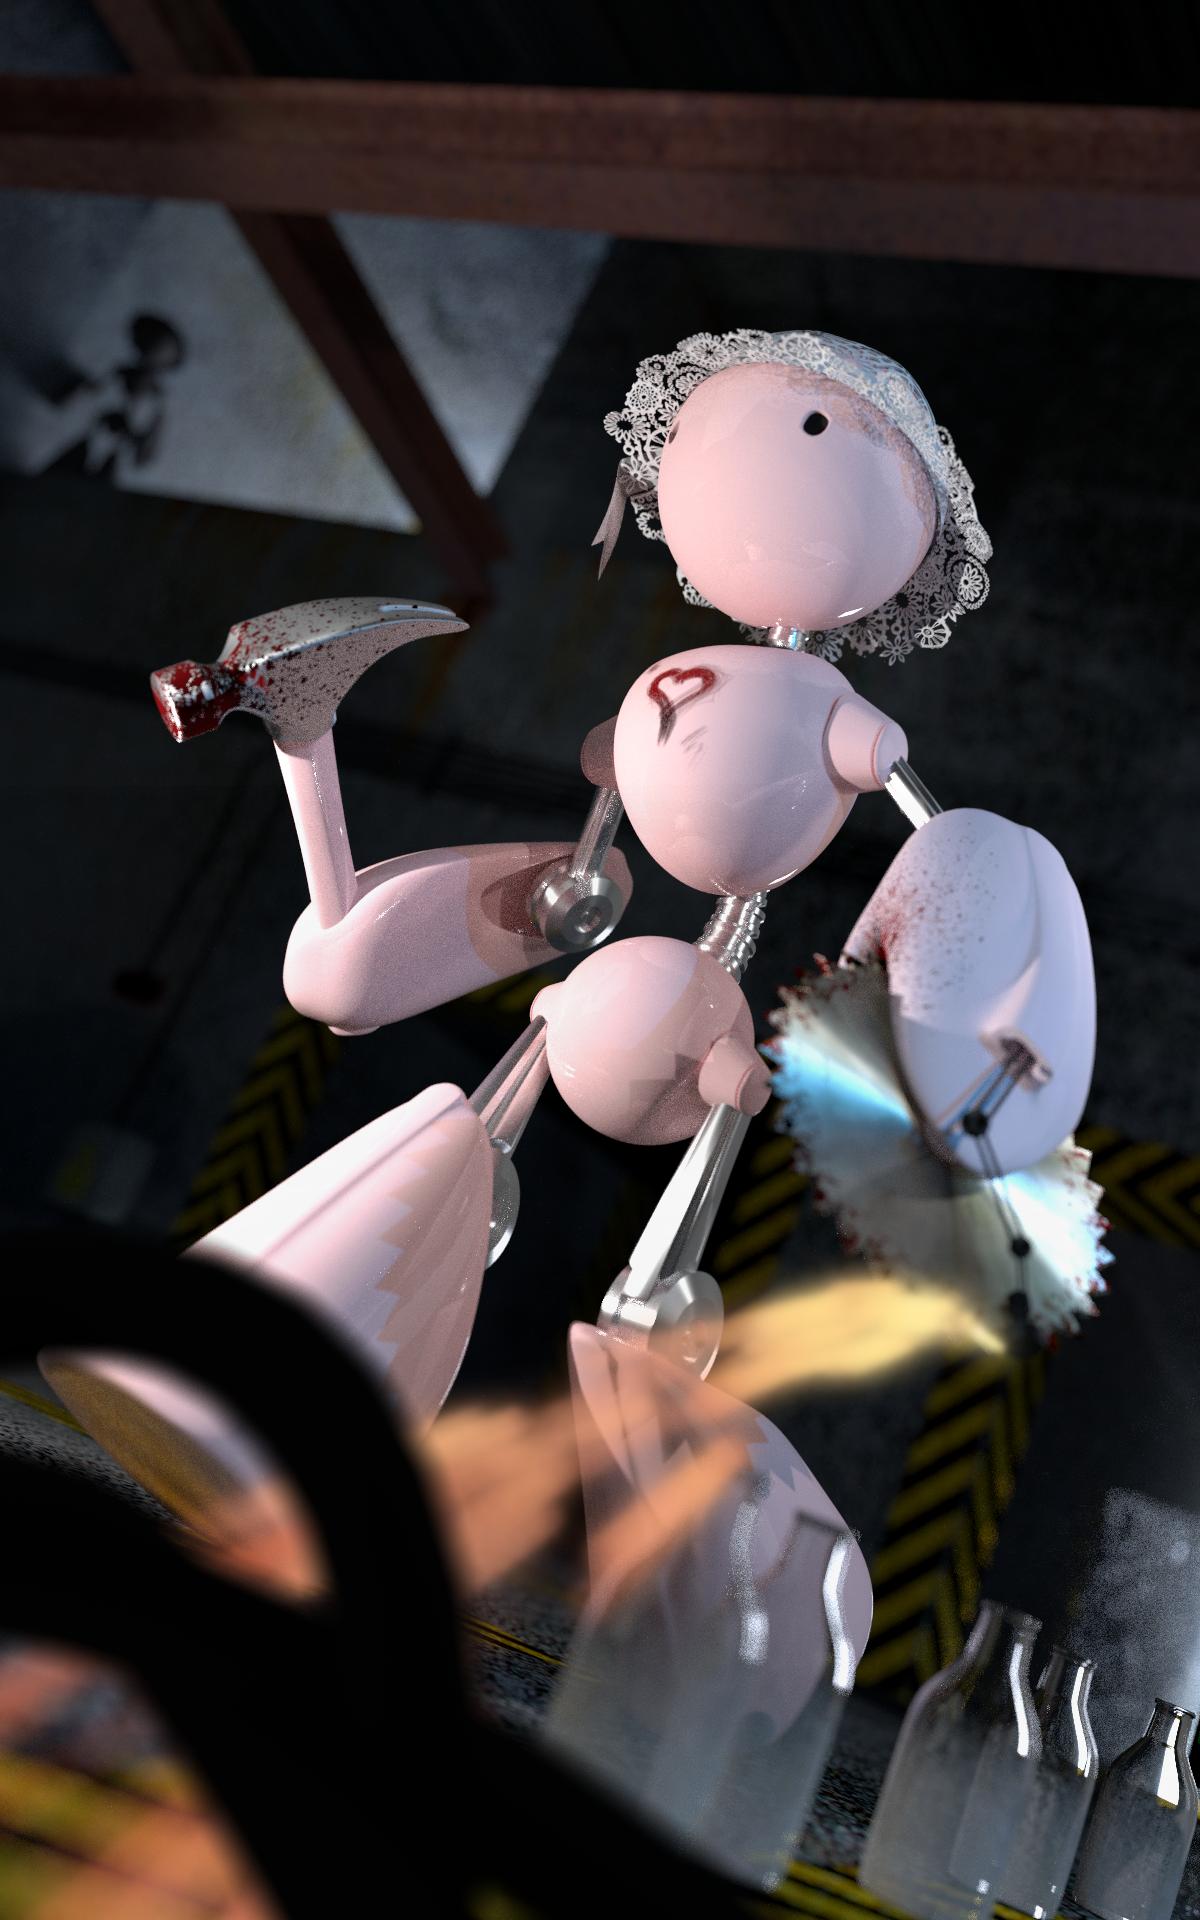 cartoon_bot_nahled01